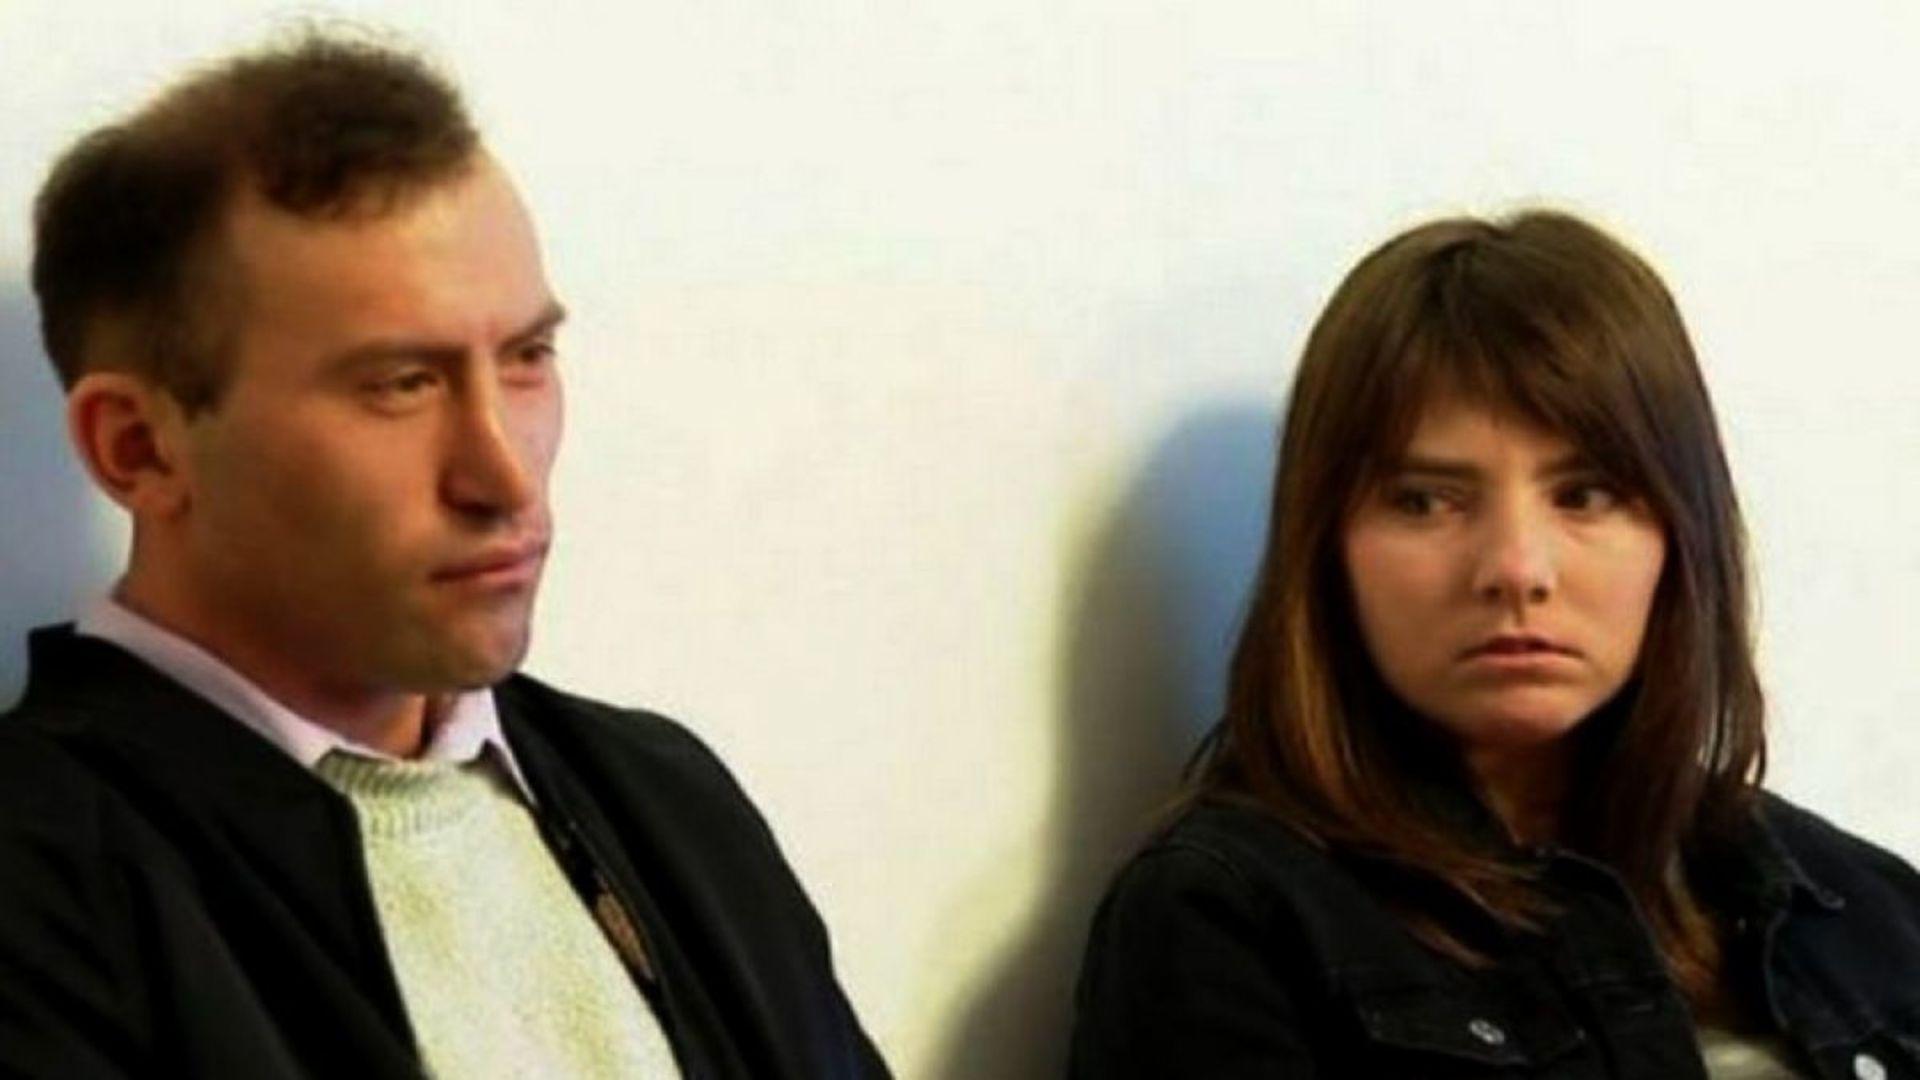 Viorel și Vulpița creează din nou probleme. Ce amendă usturătoare a primit Antena 1 din cauza lor